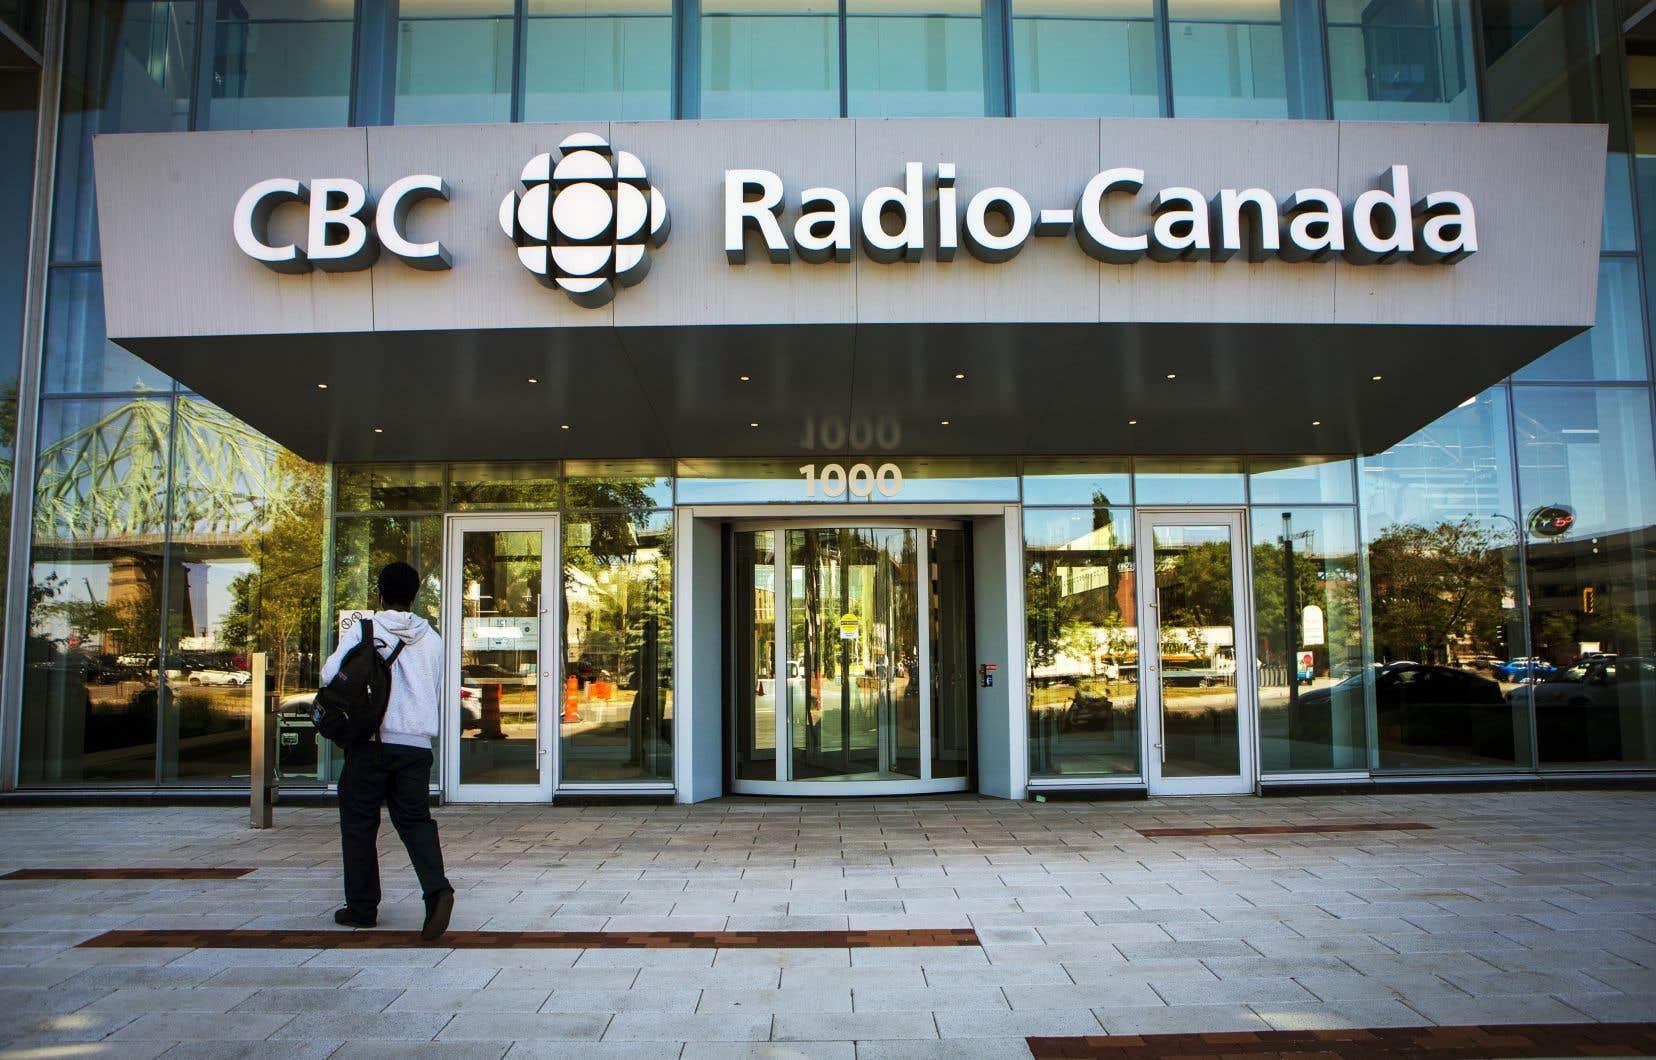 Radio-Canada et CBC font appel à une firme externe pour modérer les commentaires reçus sur leurs sites.